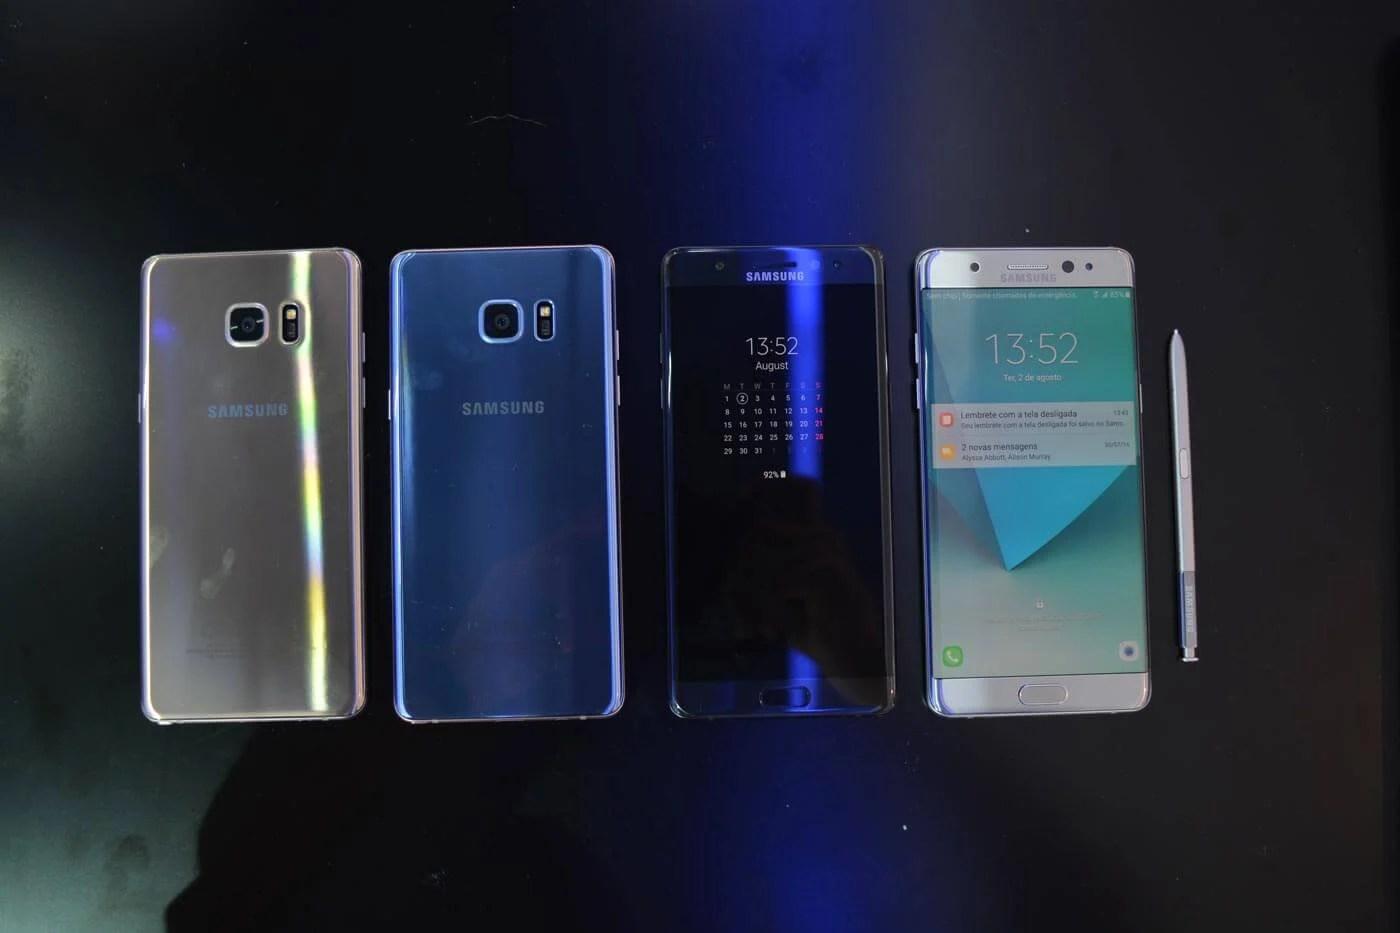 note77 - Galaxy Note 7 recondicionado será relançado em alguns países, afirma Samsung